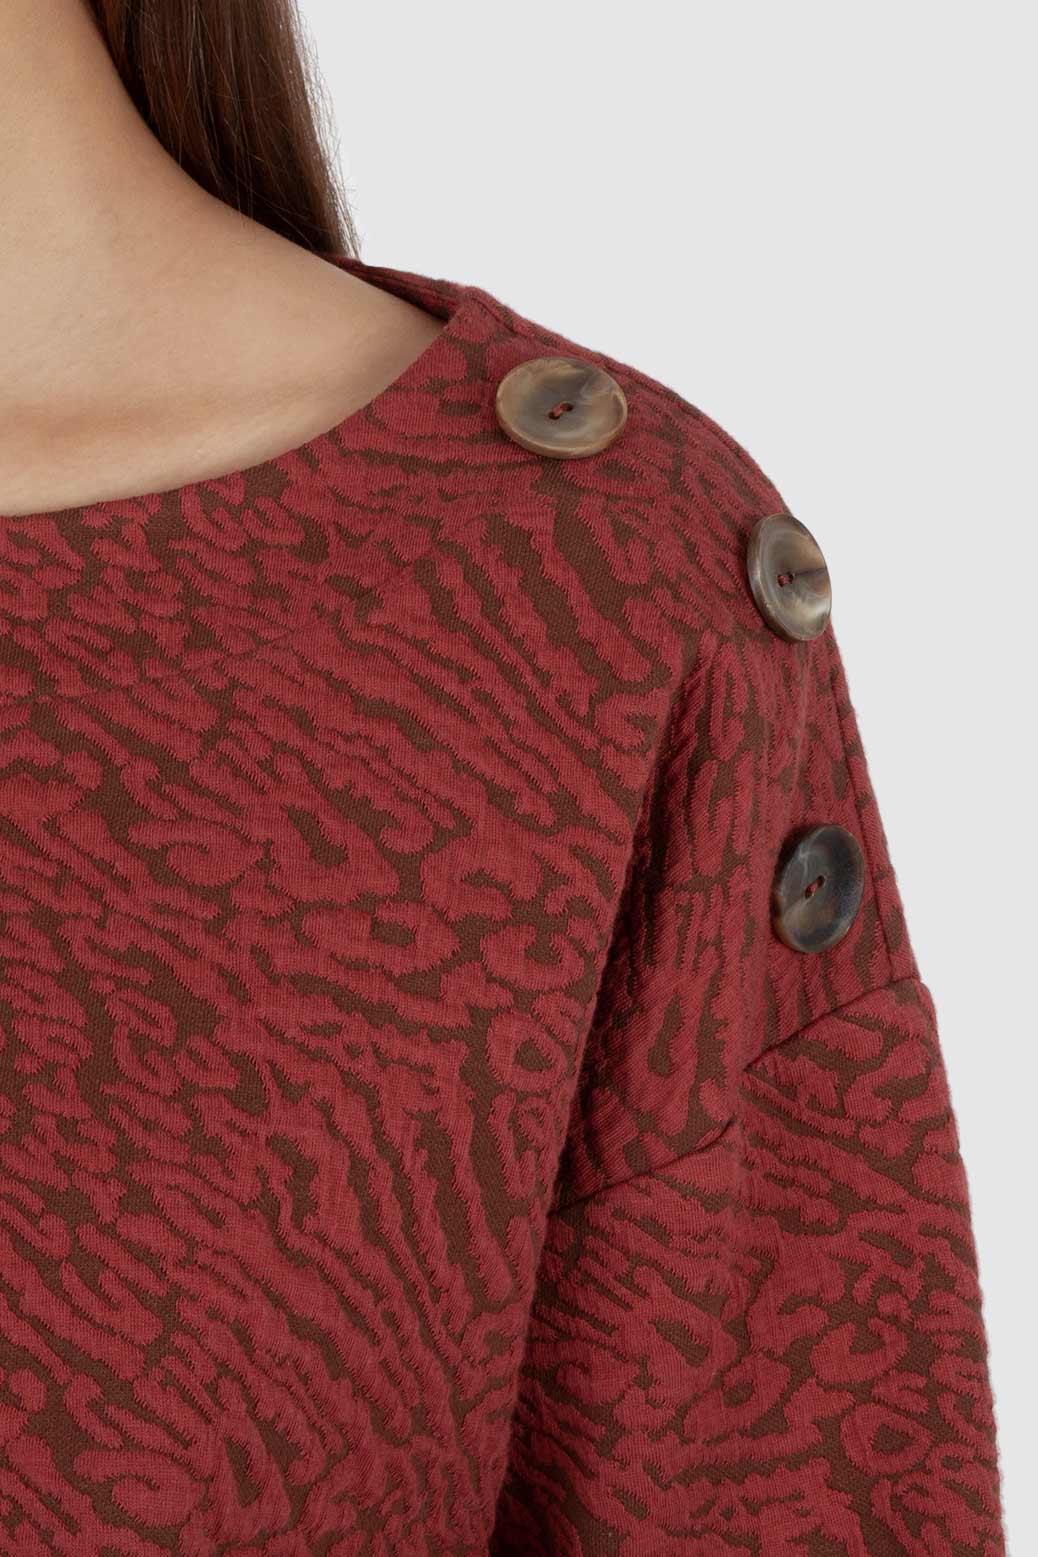 Jacquard-knit jumper